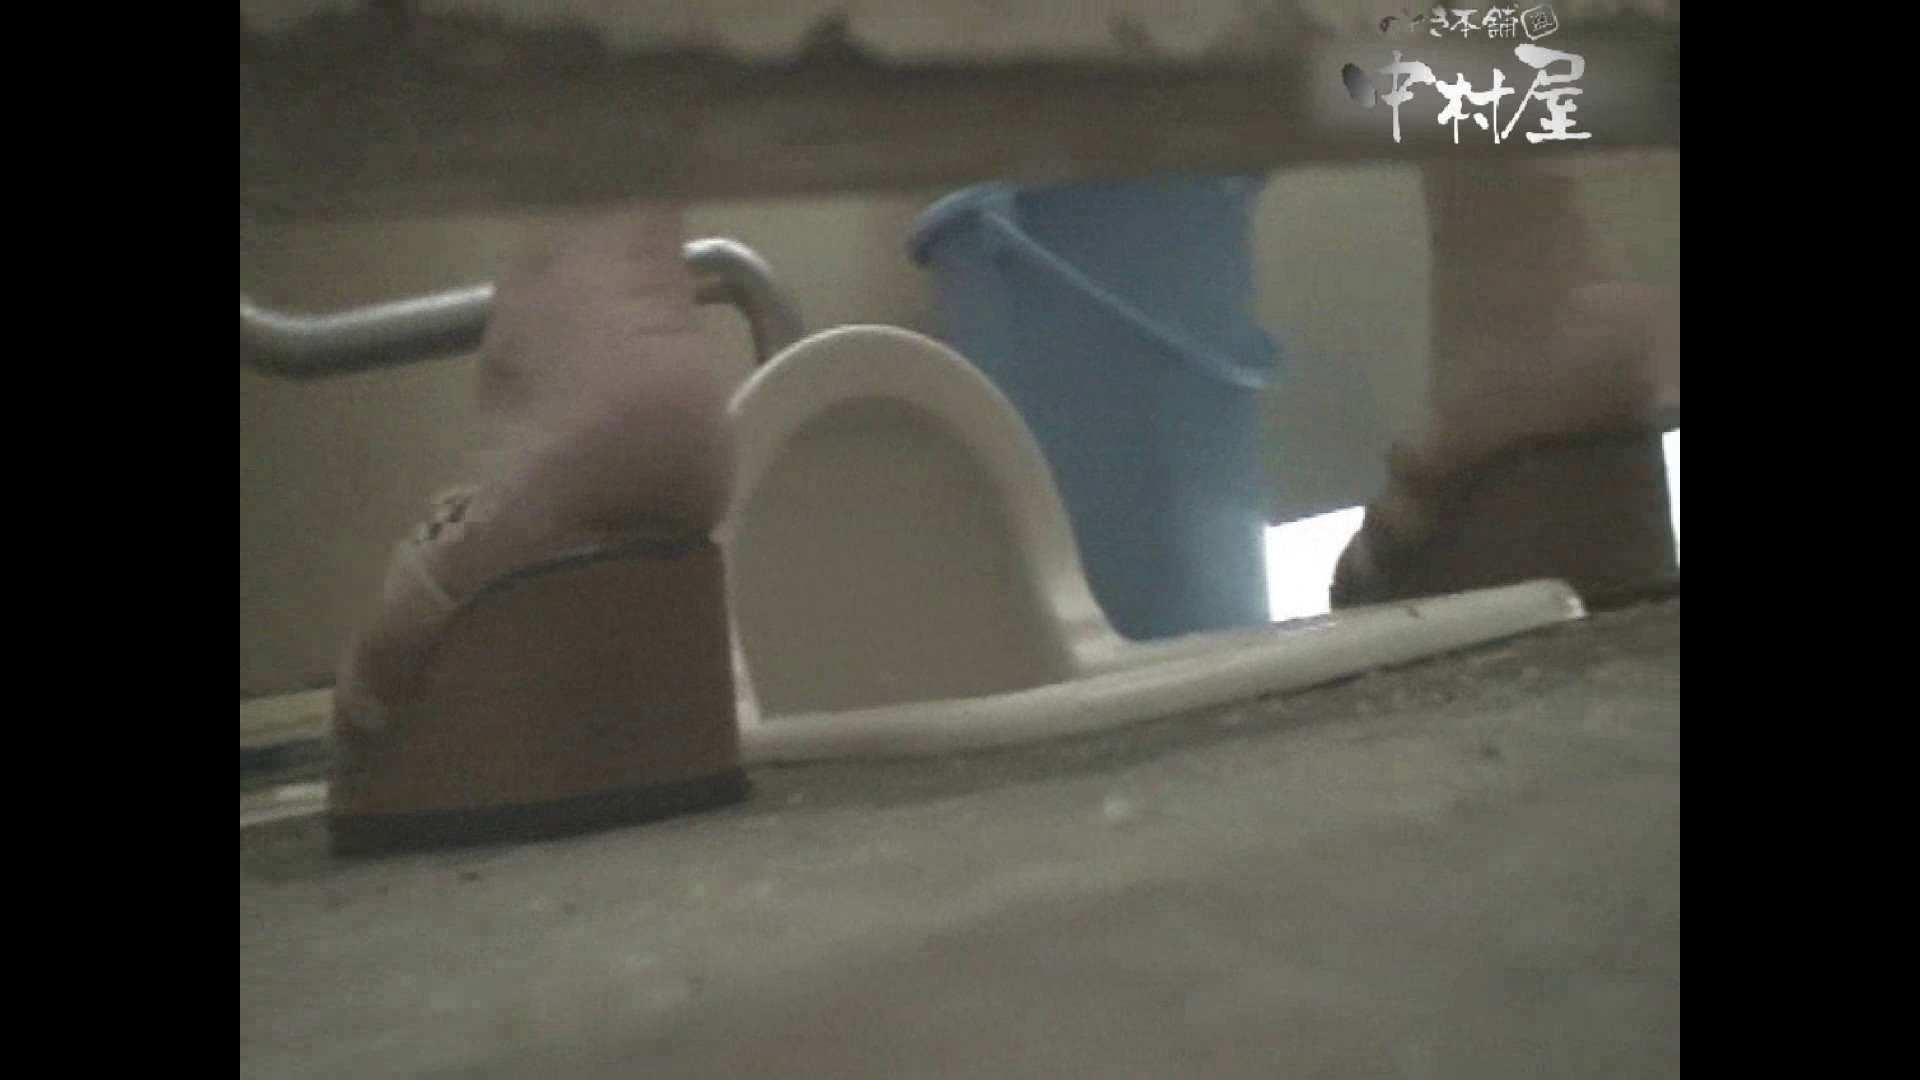 岩手県在住盗撮師盗撮記録vol.16 OL女体 オメコ無修正動画無料 52連発 44